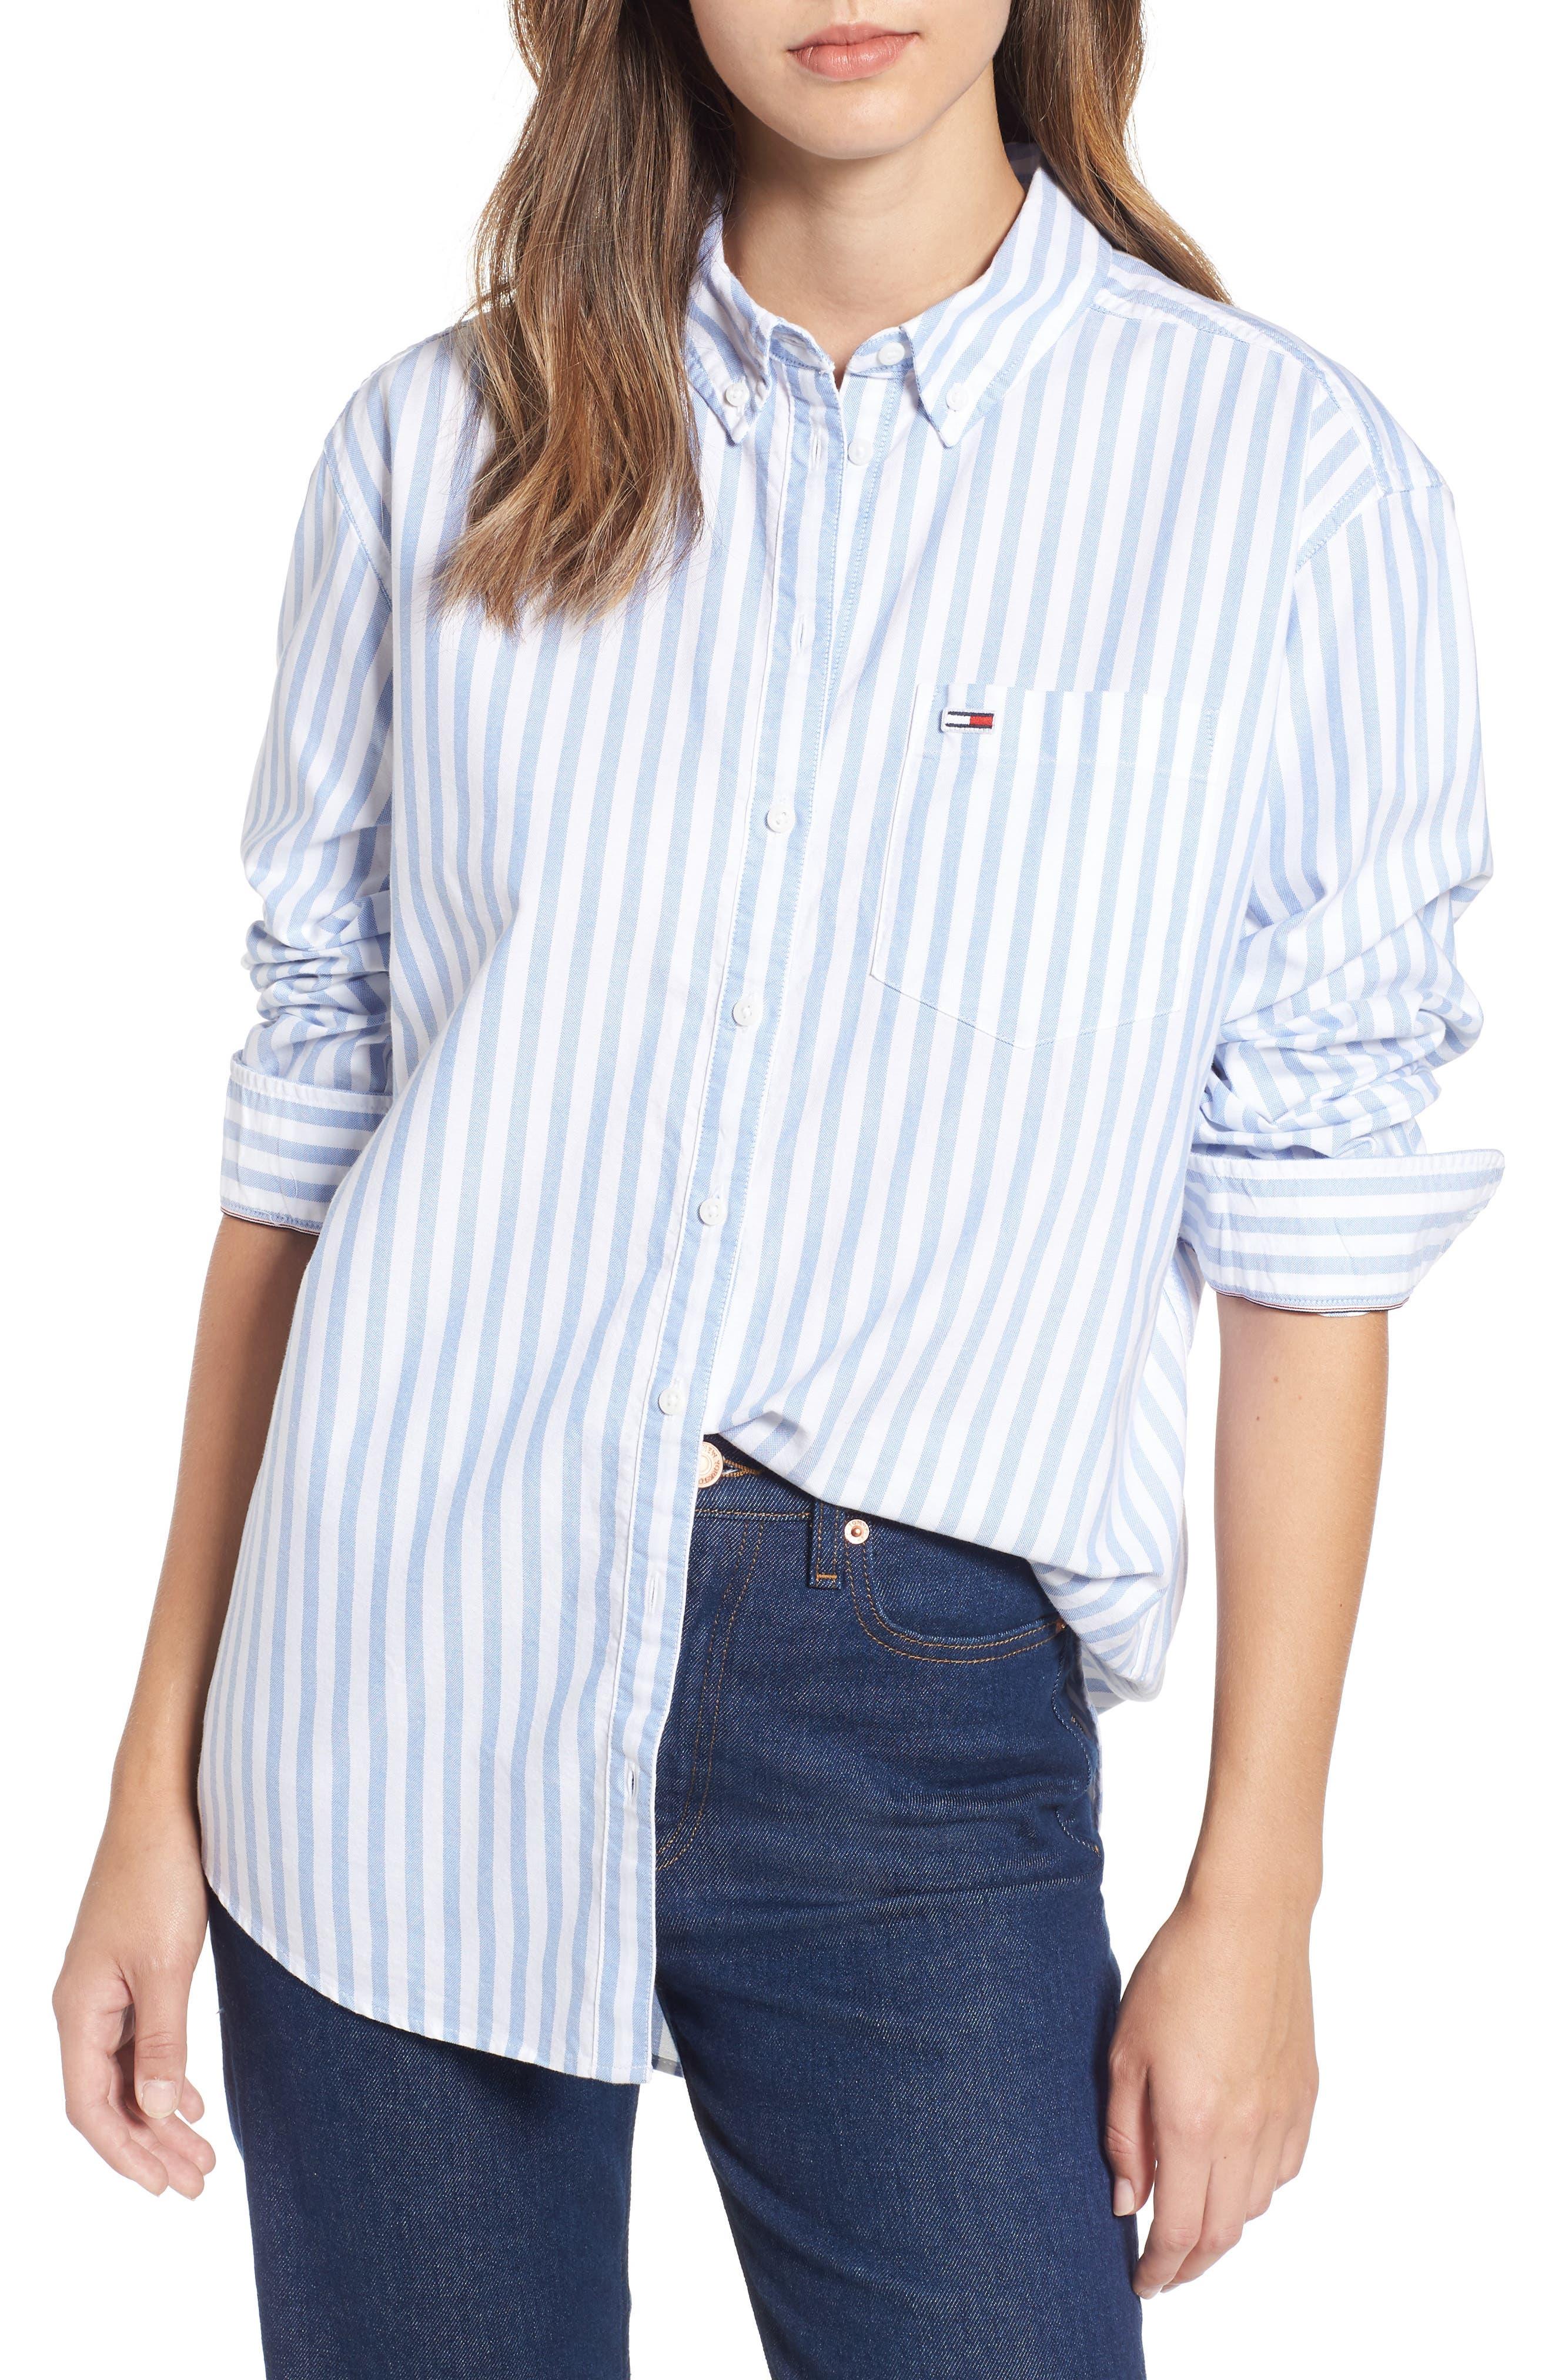 TJW Classics Stripe Shirt,                         Main,                         color, BRIGHT WHITE / LIGHT BLUE